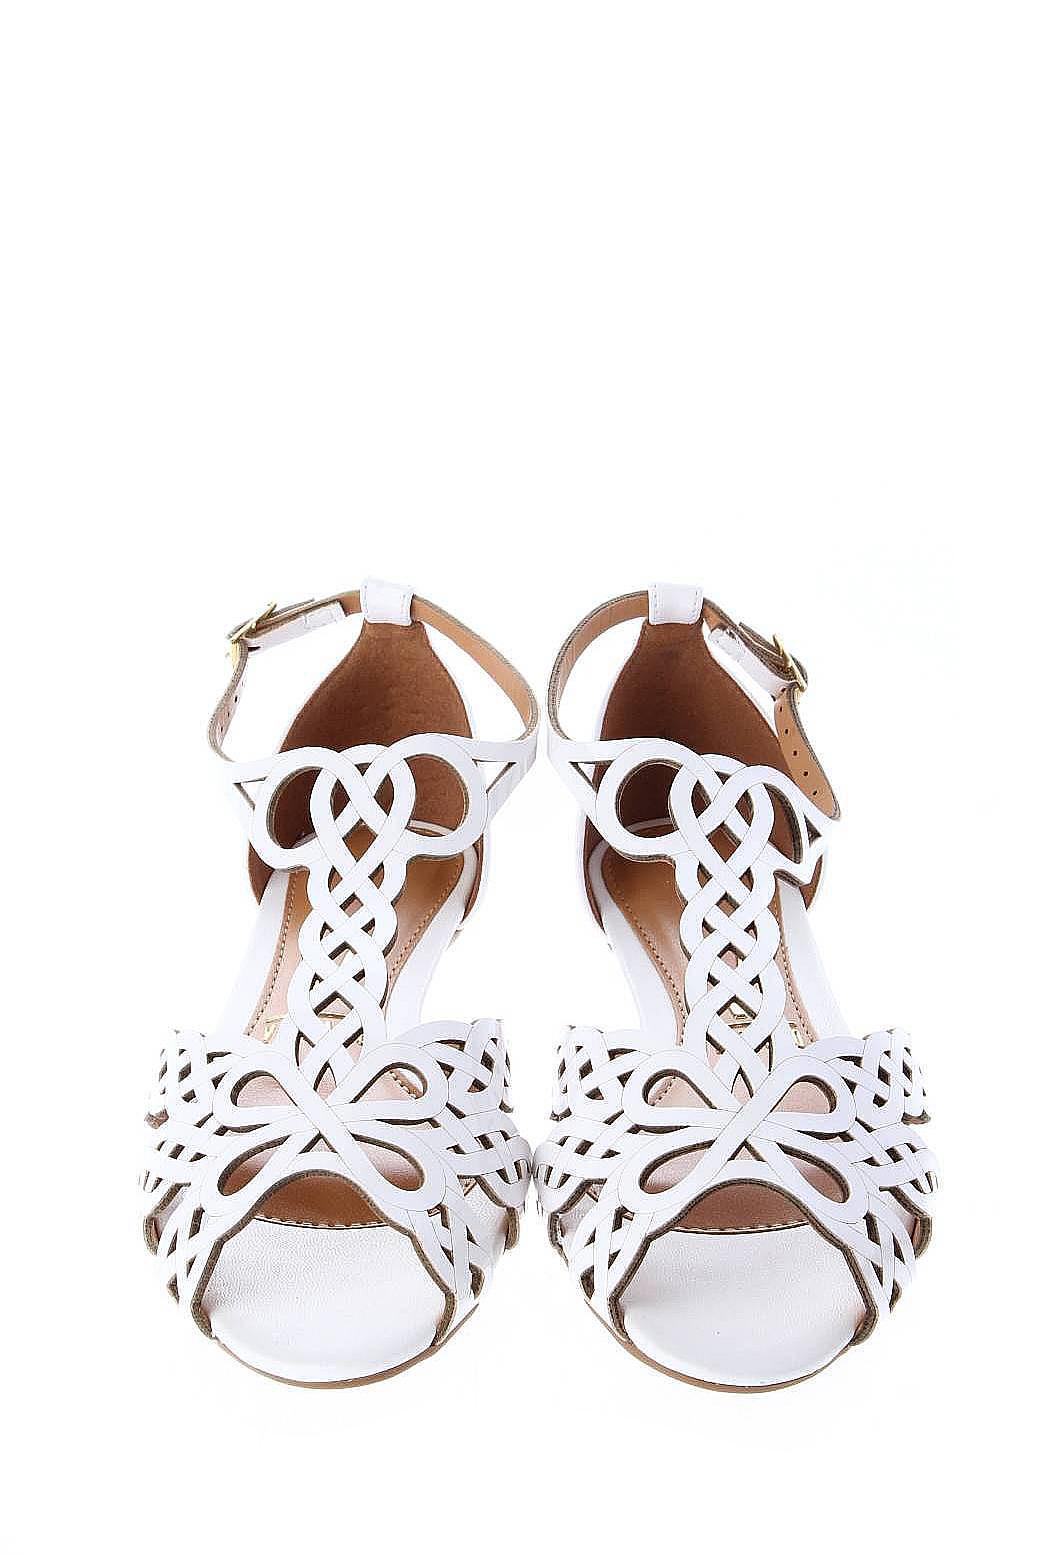 Мужская Обувь Детская Обувь Женская Обувь Сандалии: Vizzano Обувь